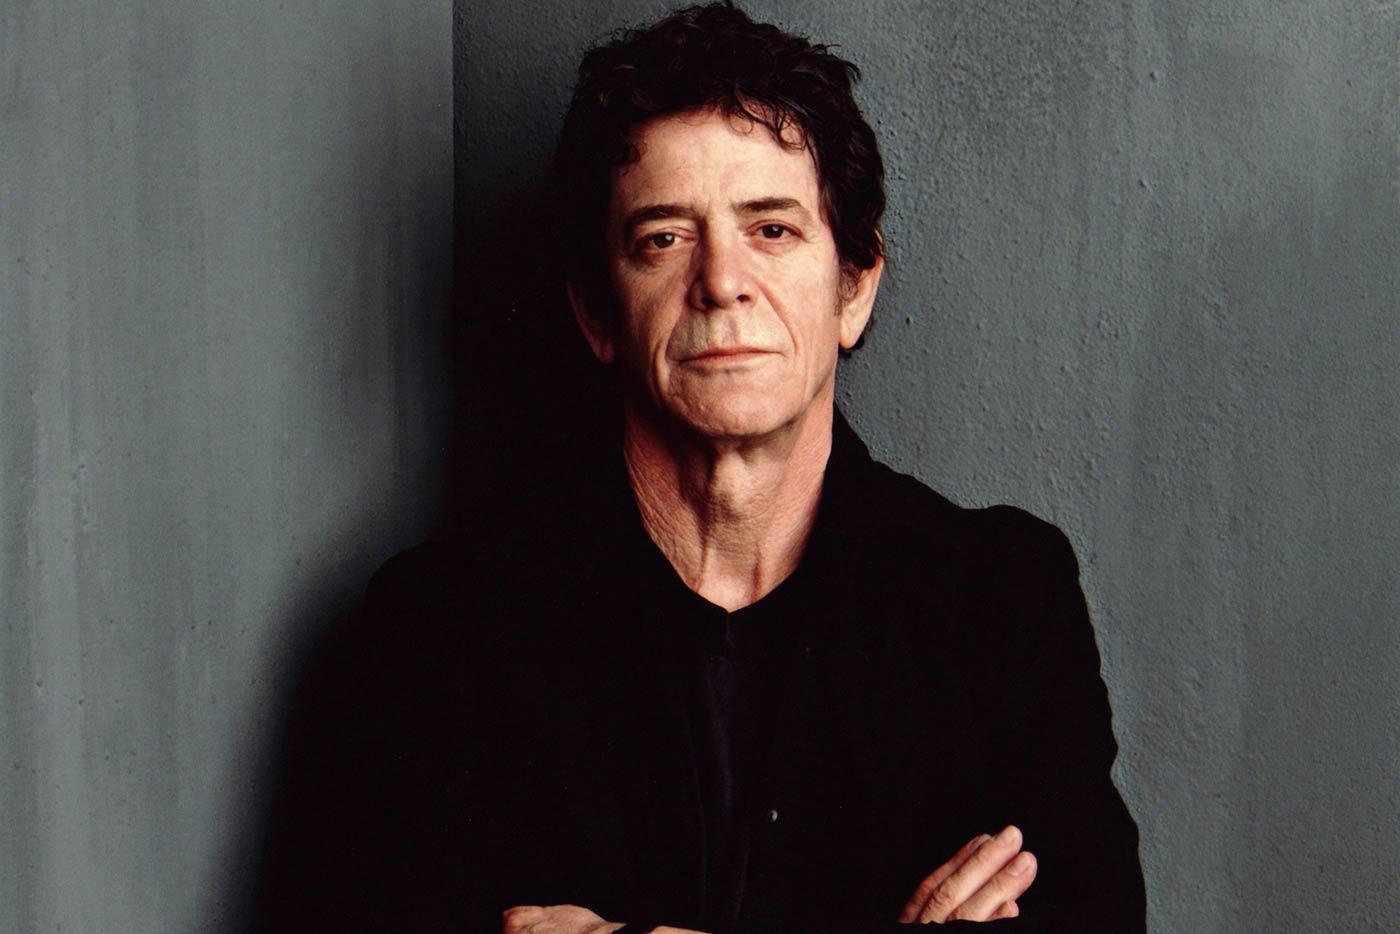 Se publicarán las remasterizaciones que dejó hechas Lou Reed